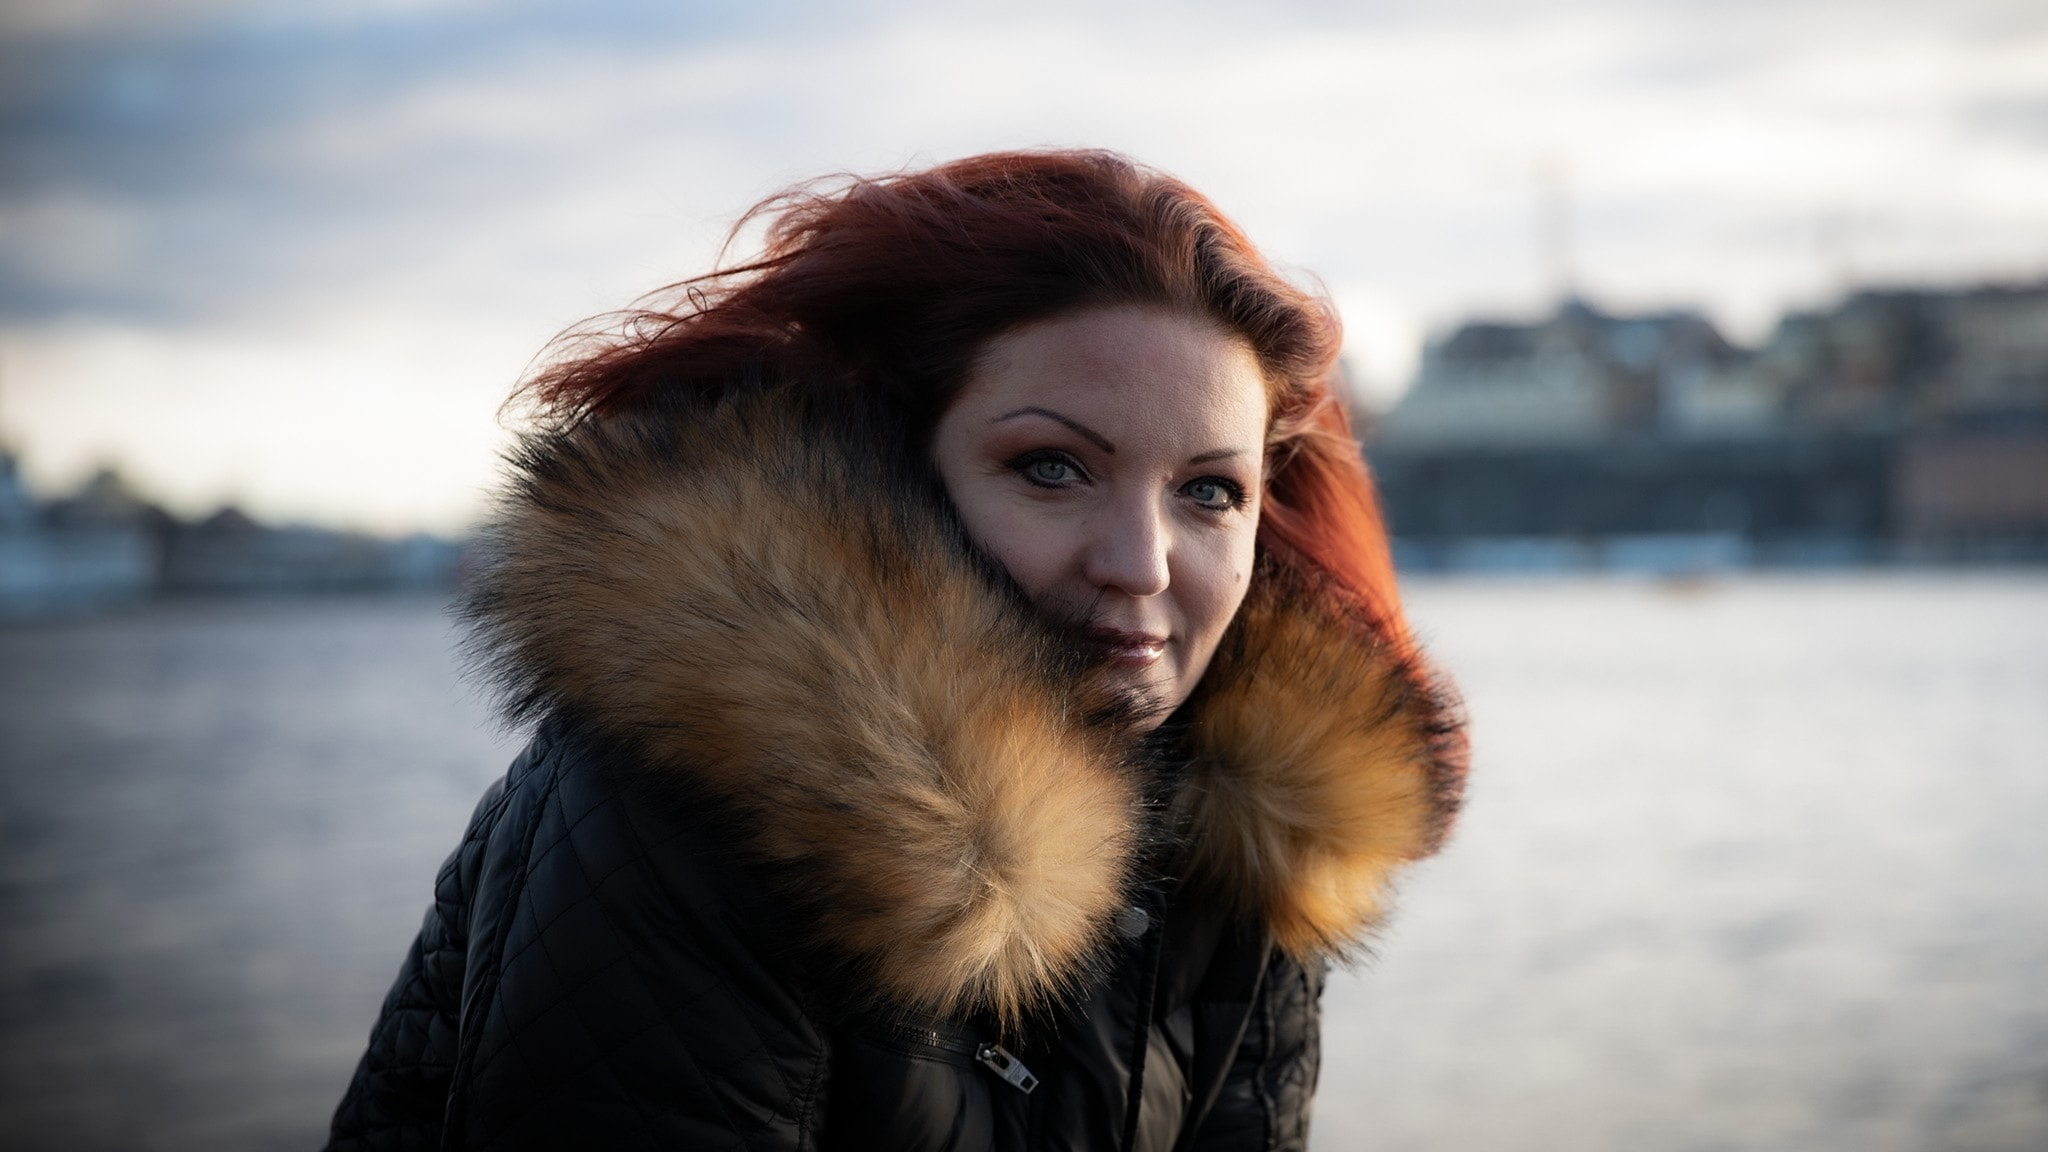 Porträtt av författaren i utomhusmiljö, vid vatten. Suddig Stockholmsbakgrund.